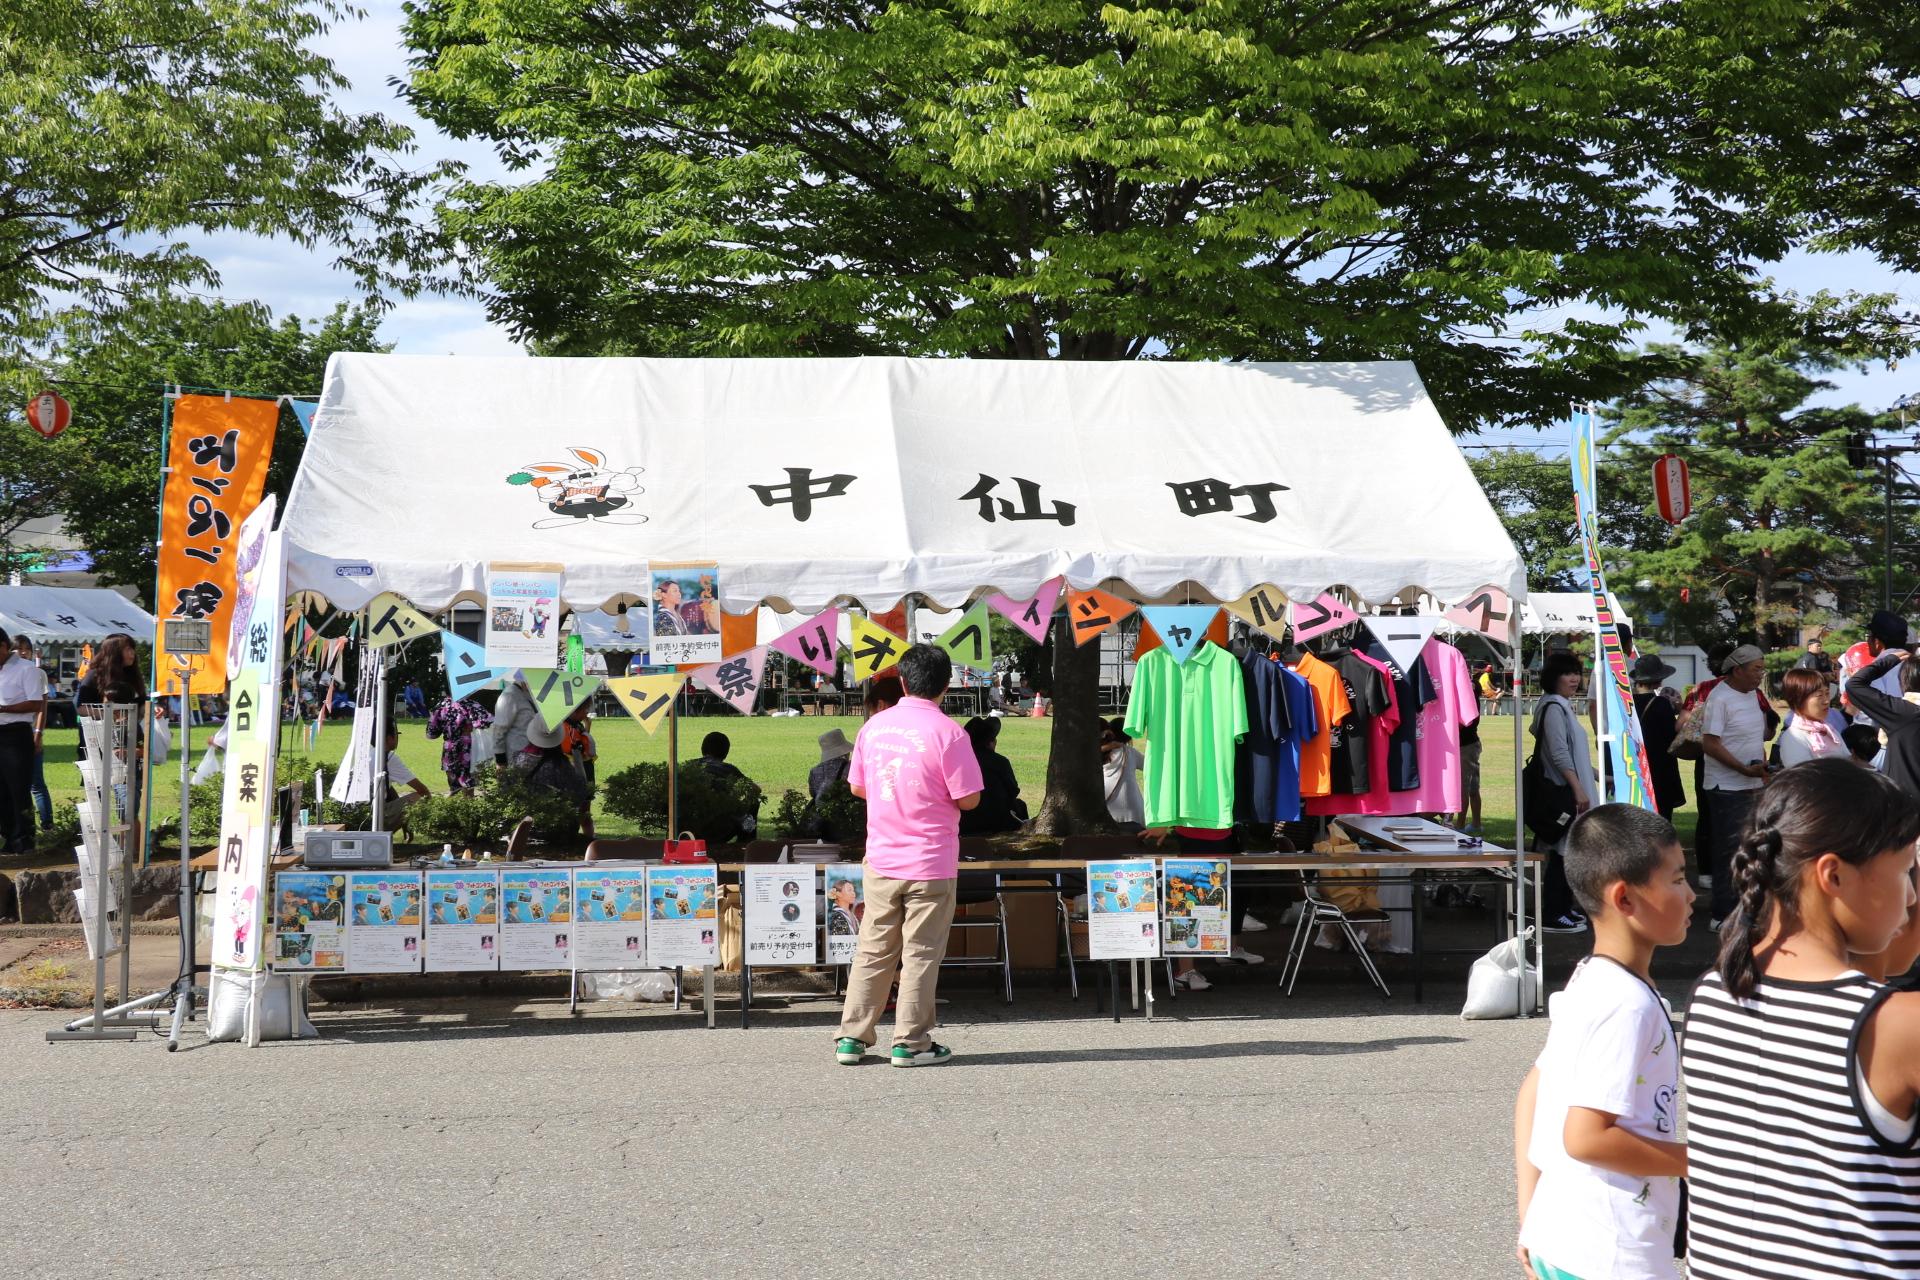 11ドンパン祭りオフィシャルブース